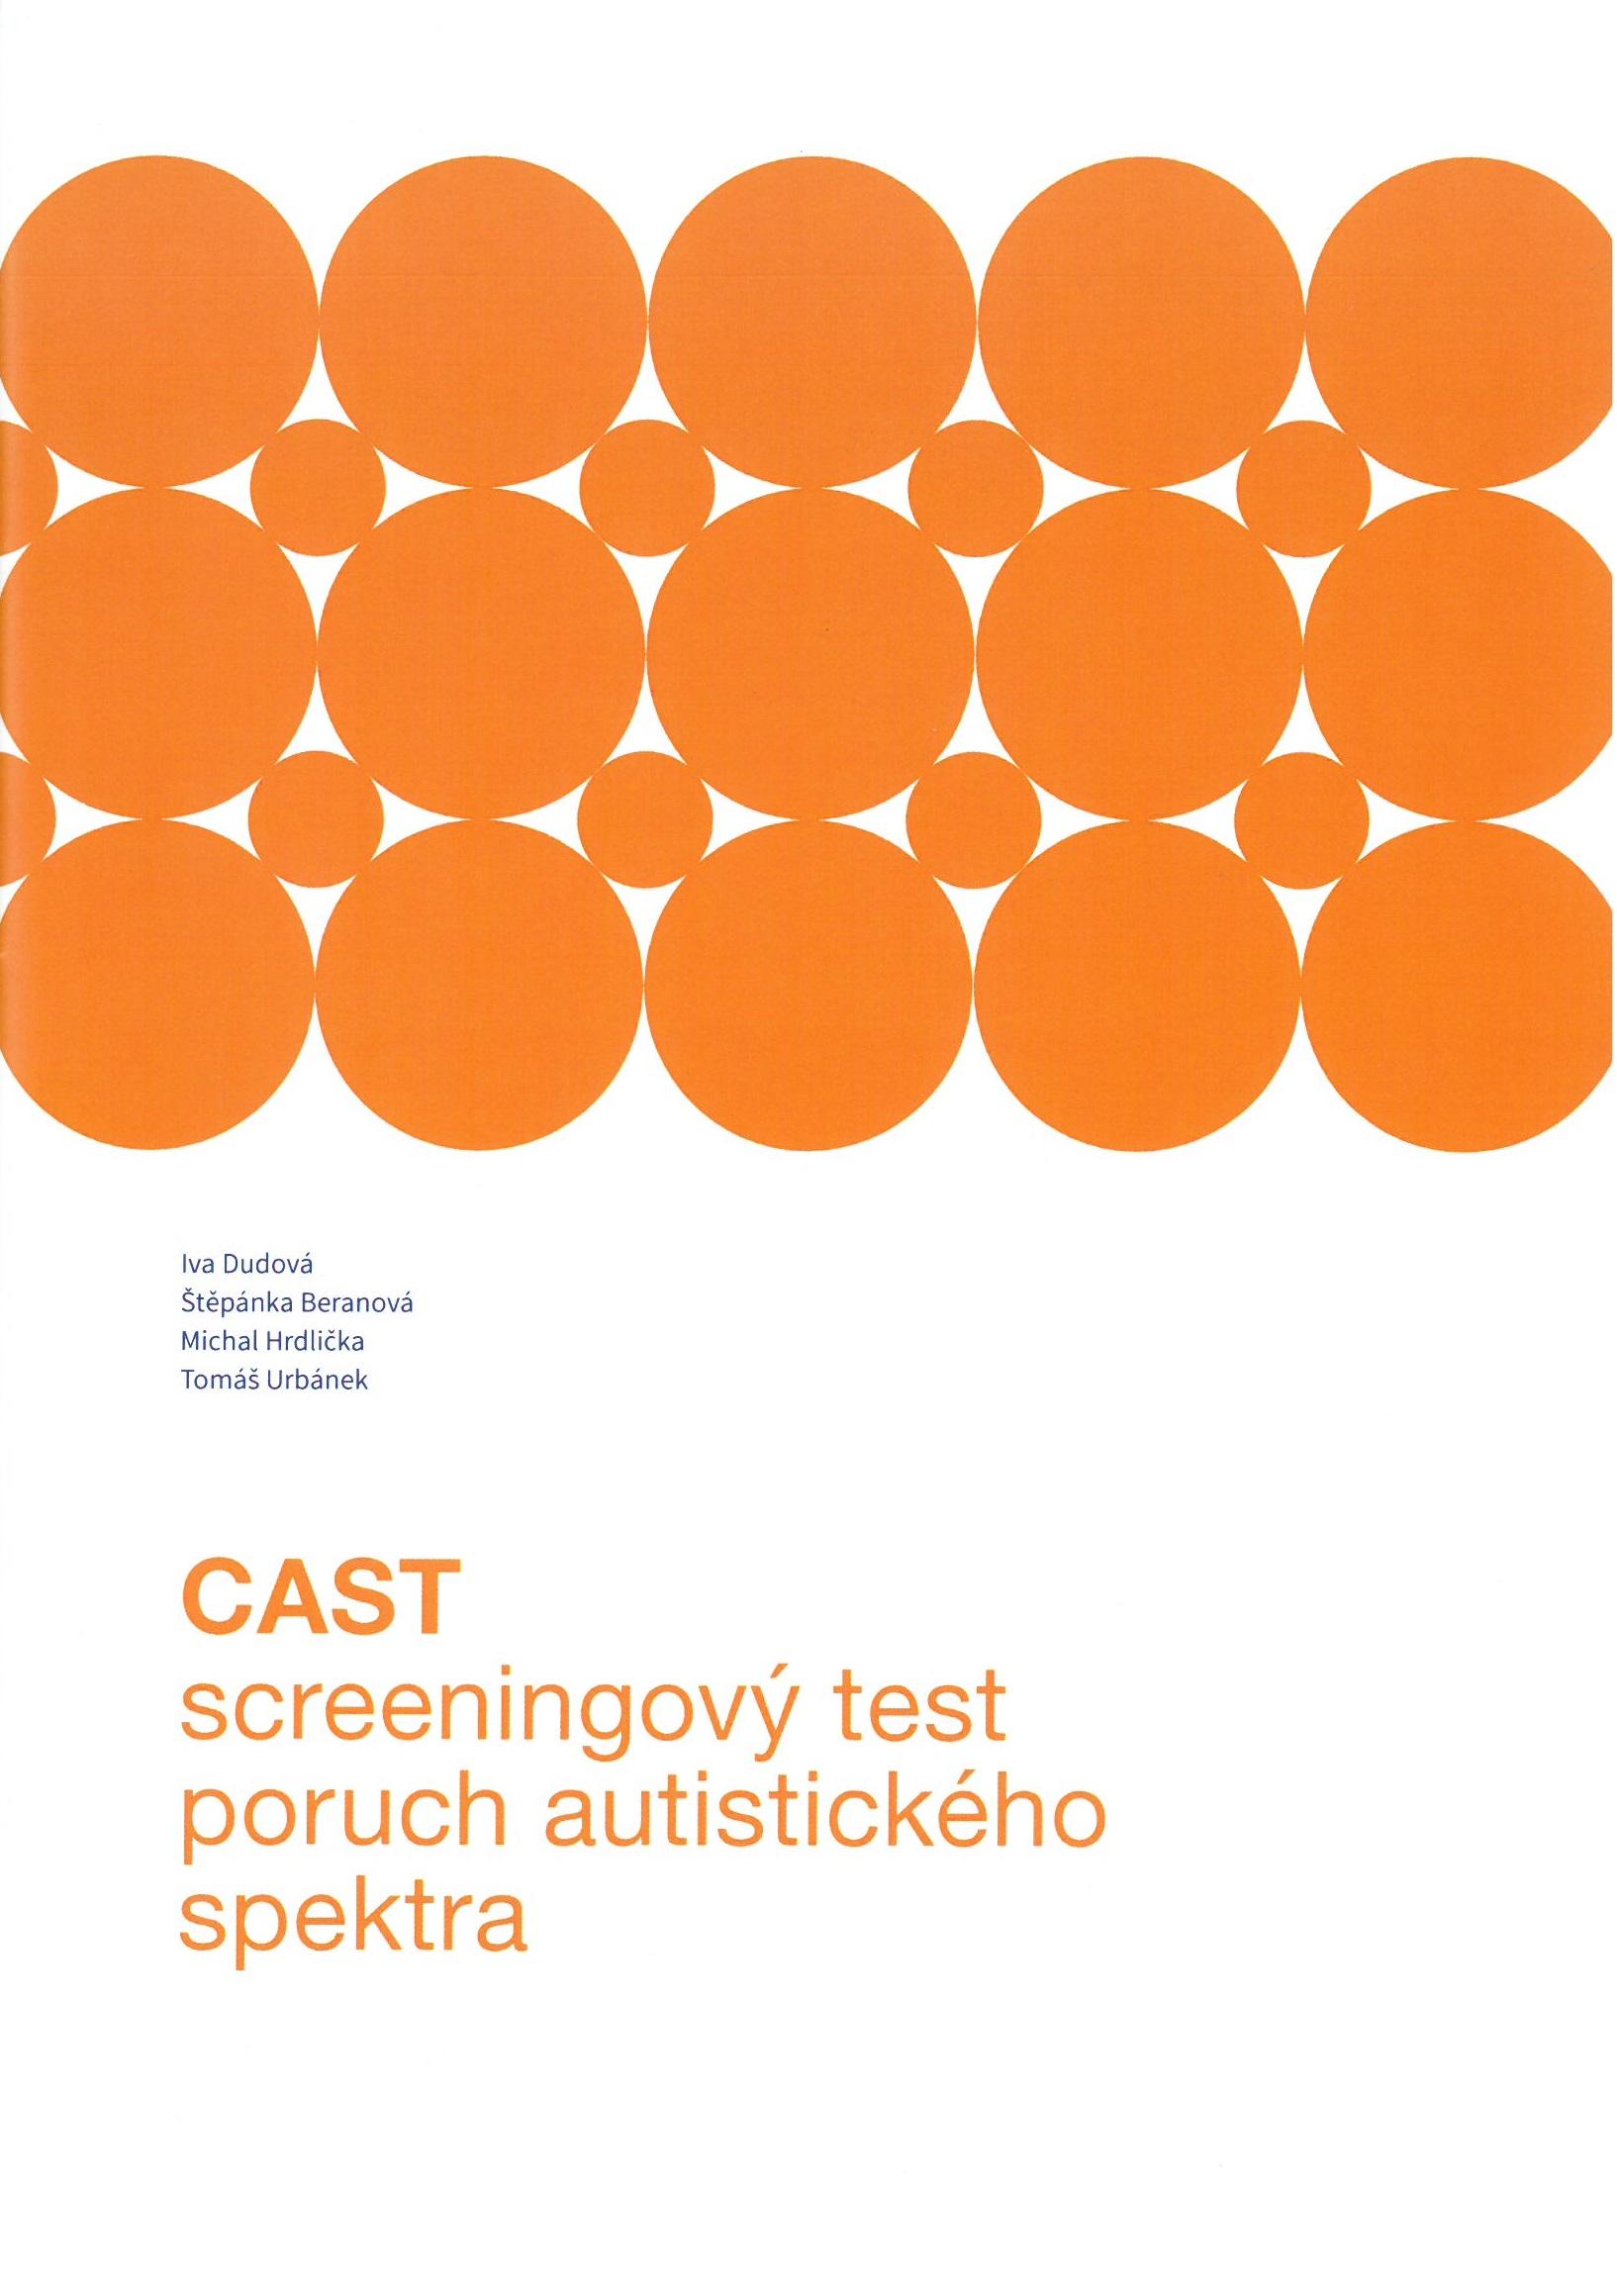 Screeningový test poruch autistického spektra (CAST)